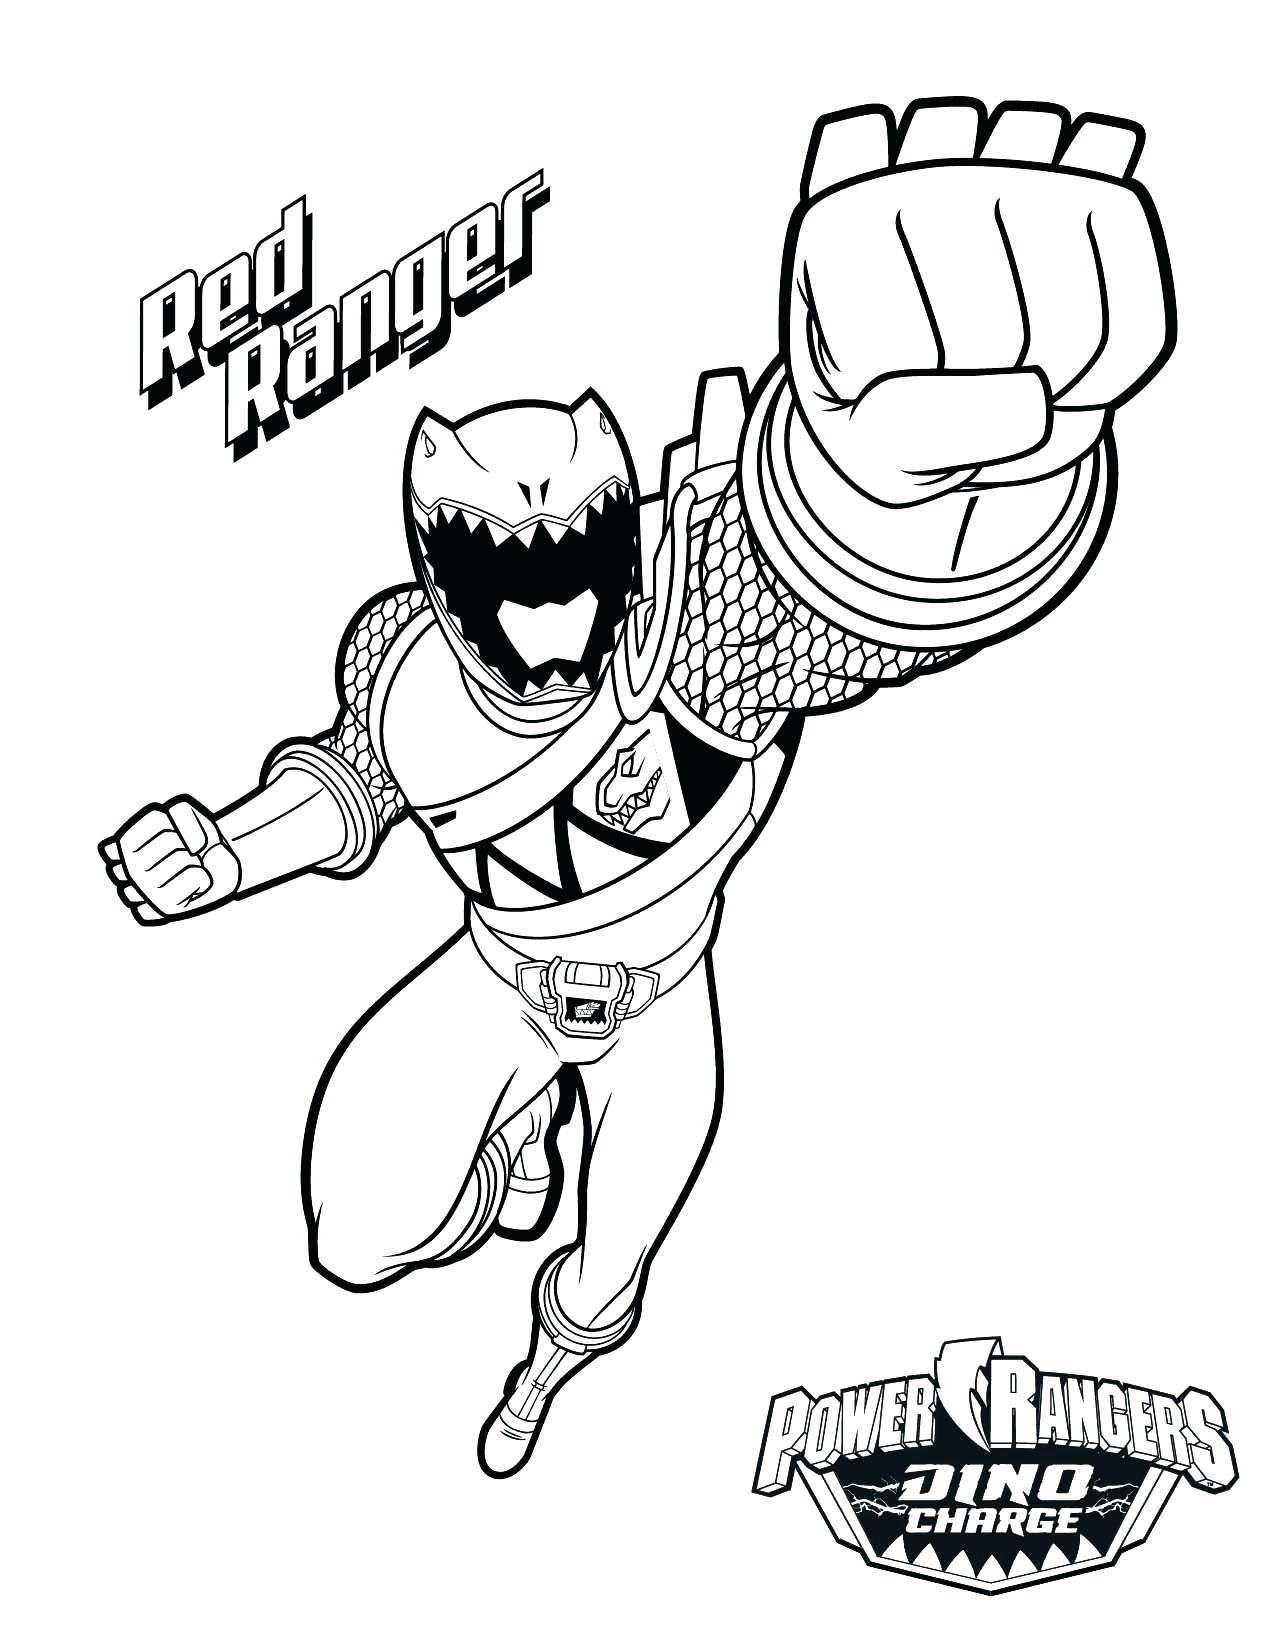 Erfreut Blaue Power Rangers Malvorlagen Zeitgenössisch - Entry Level ...